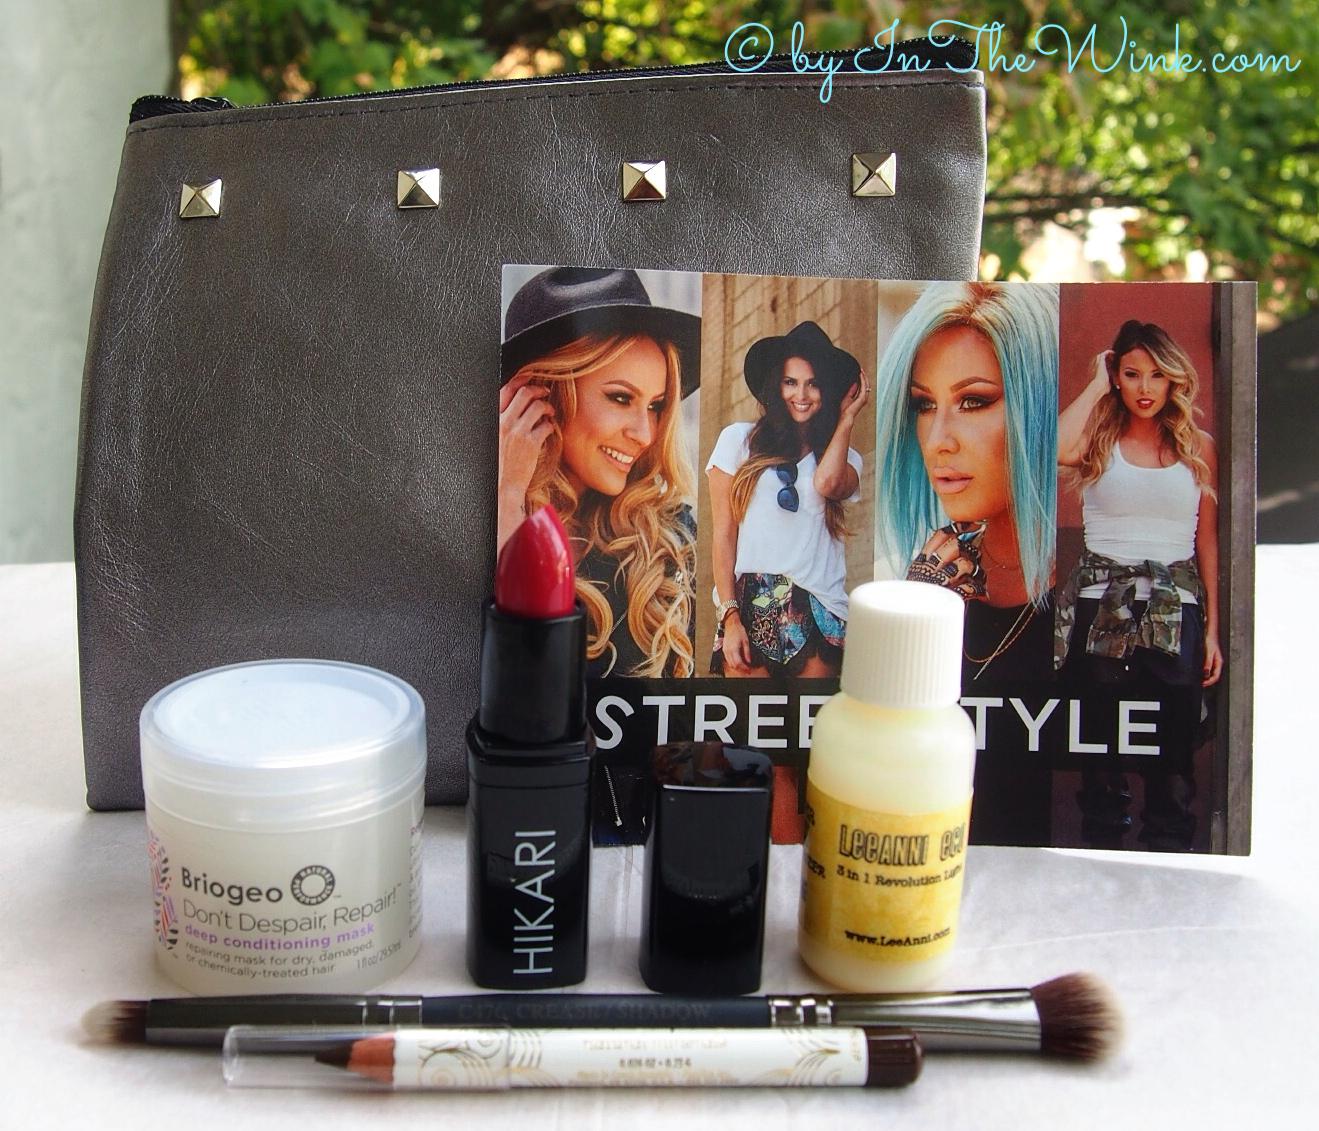 Ipsy Glam Bag September 2014